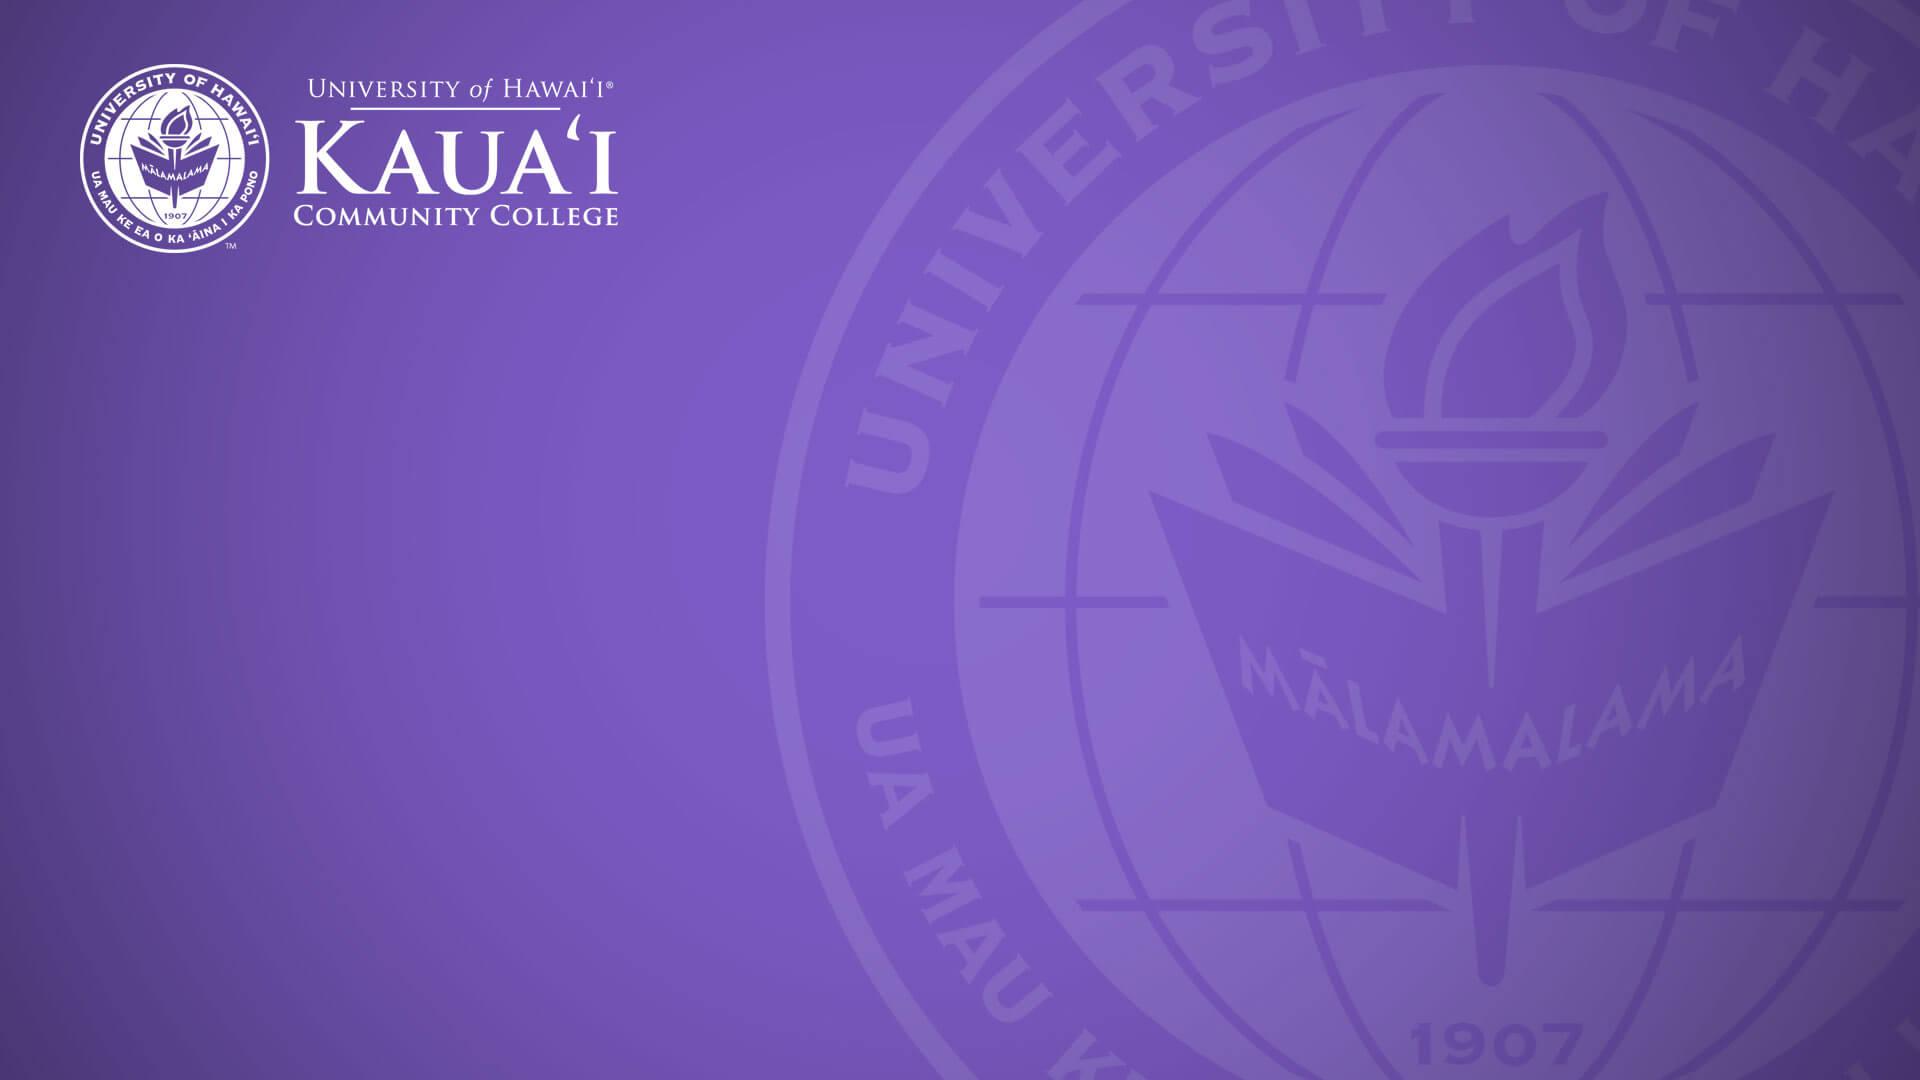 Kauai C C seal and nameplate